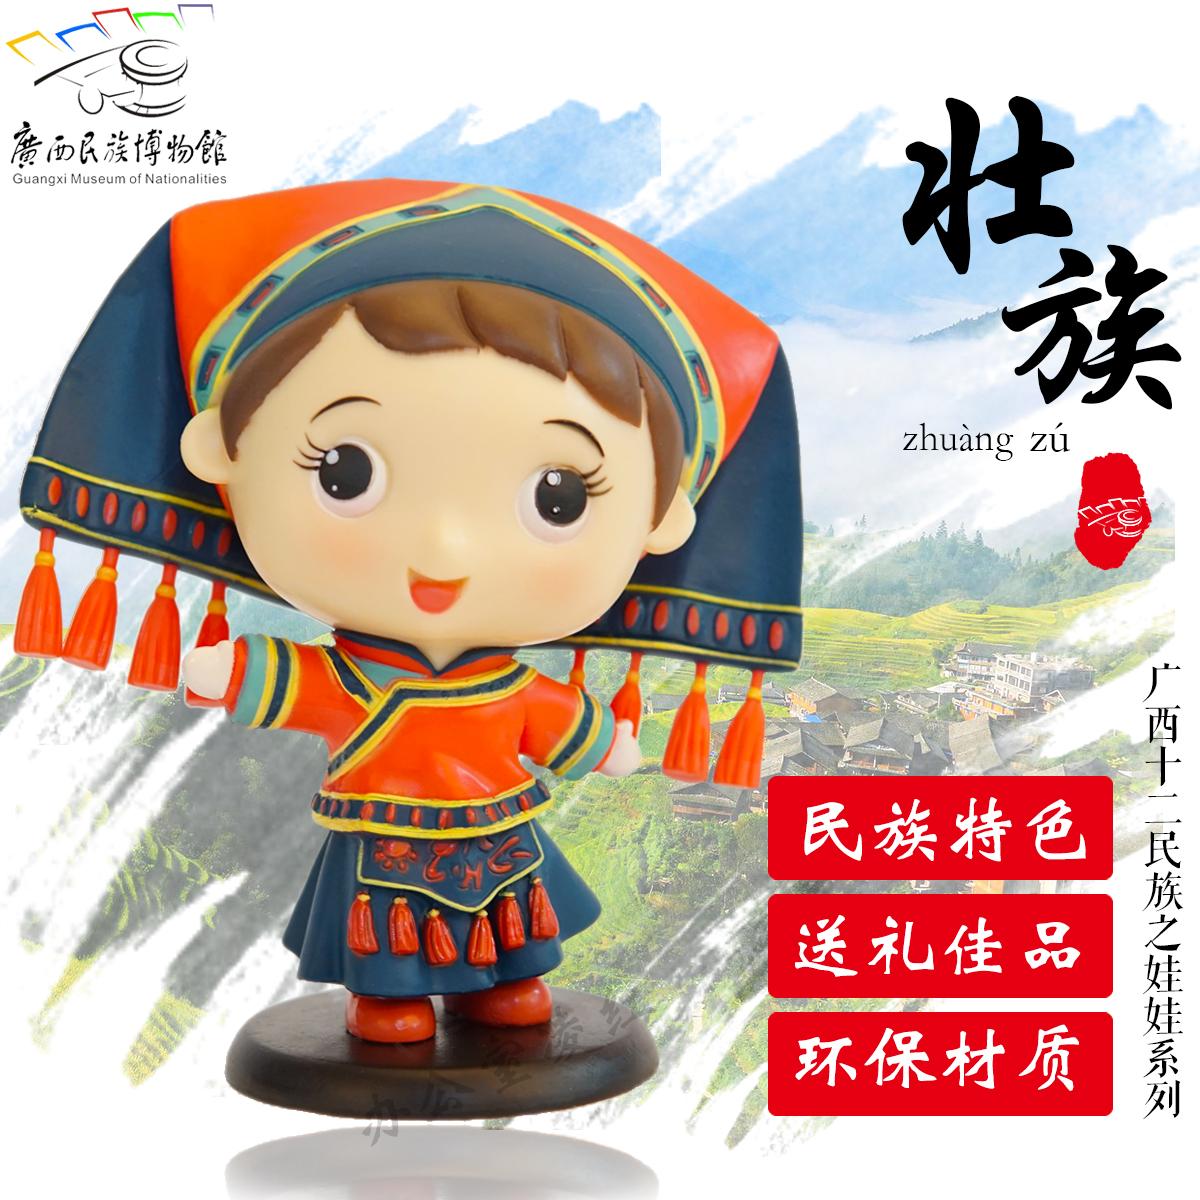 Куклы Чжуан в подарок Иностранный подарок кукла мультфильм Craft рабочего украшения этническая кукла